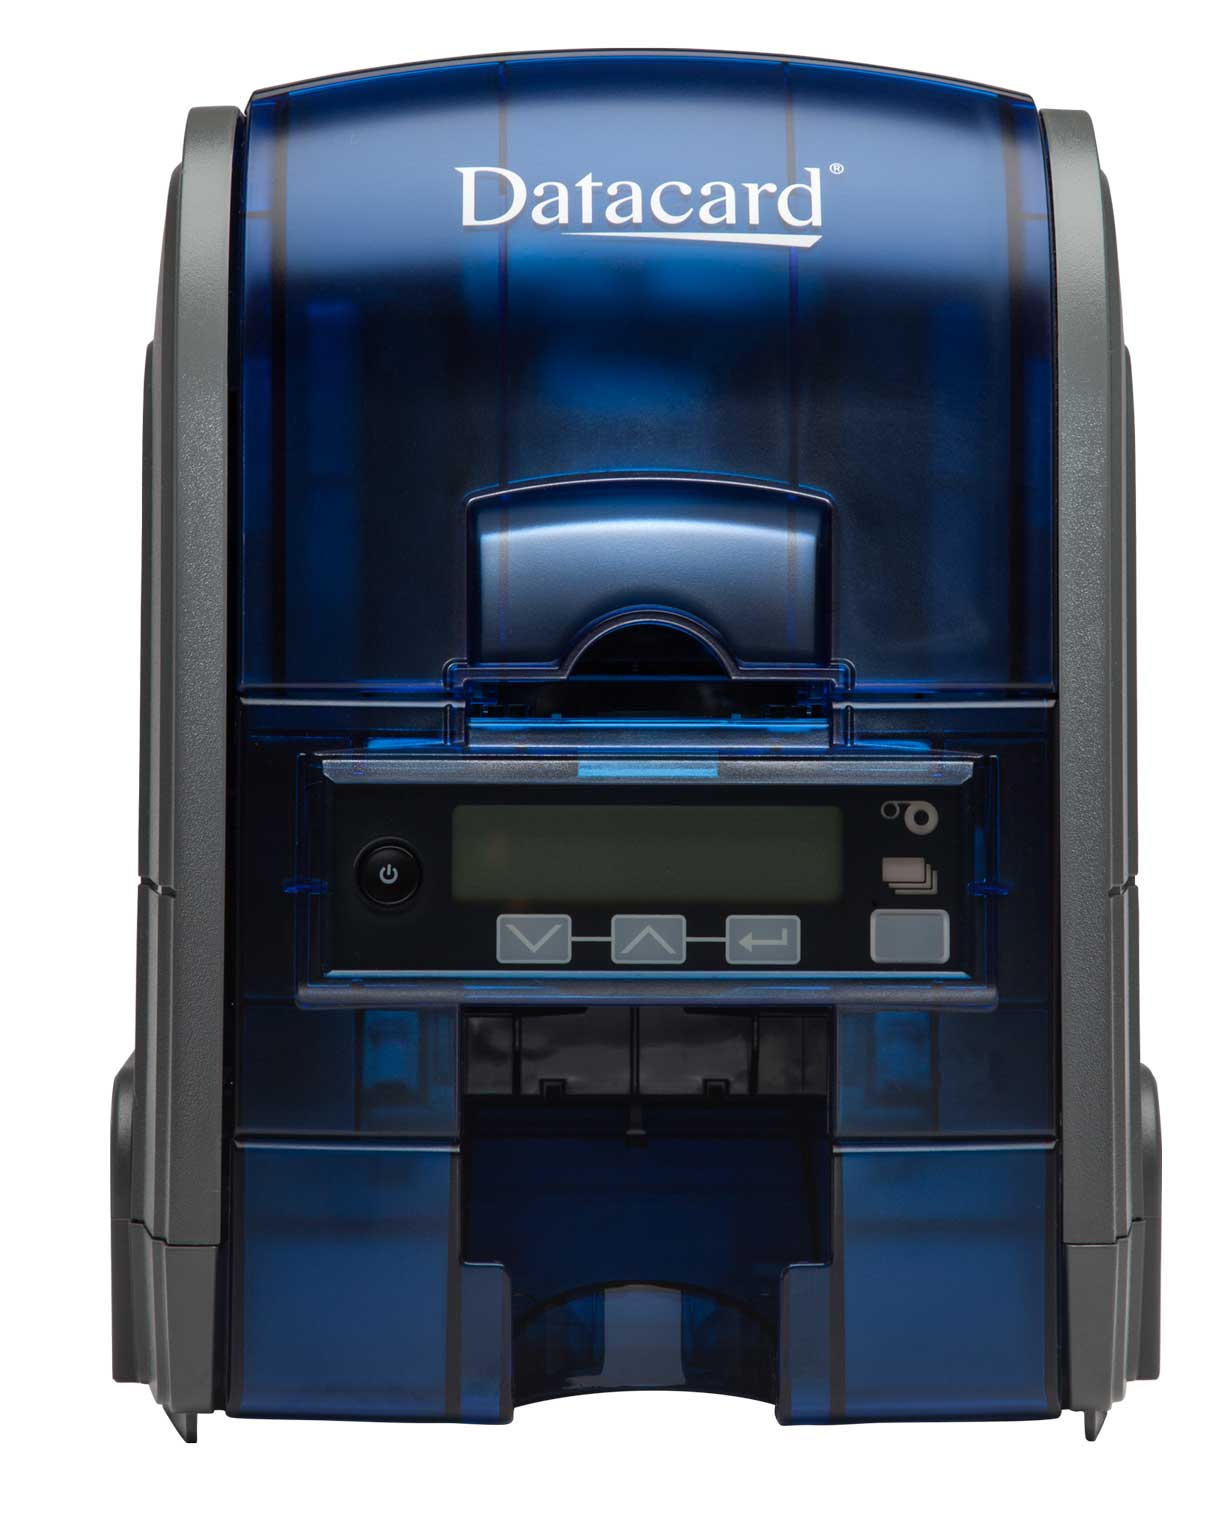 Imprimantes de cartes et badges simple face tous les fournisseurs imprimante de carte et - Imprimante carte pvc ...